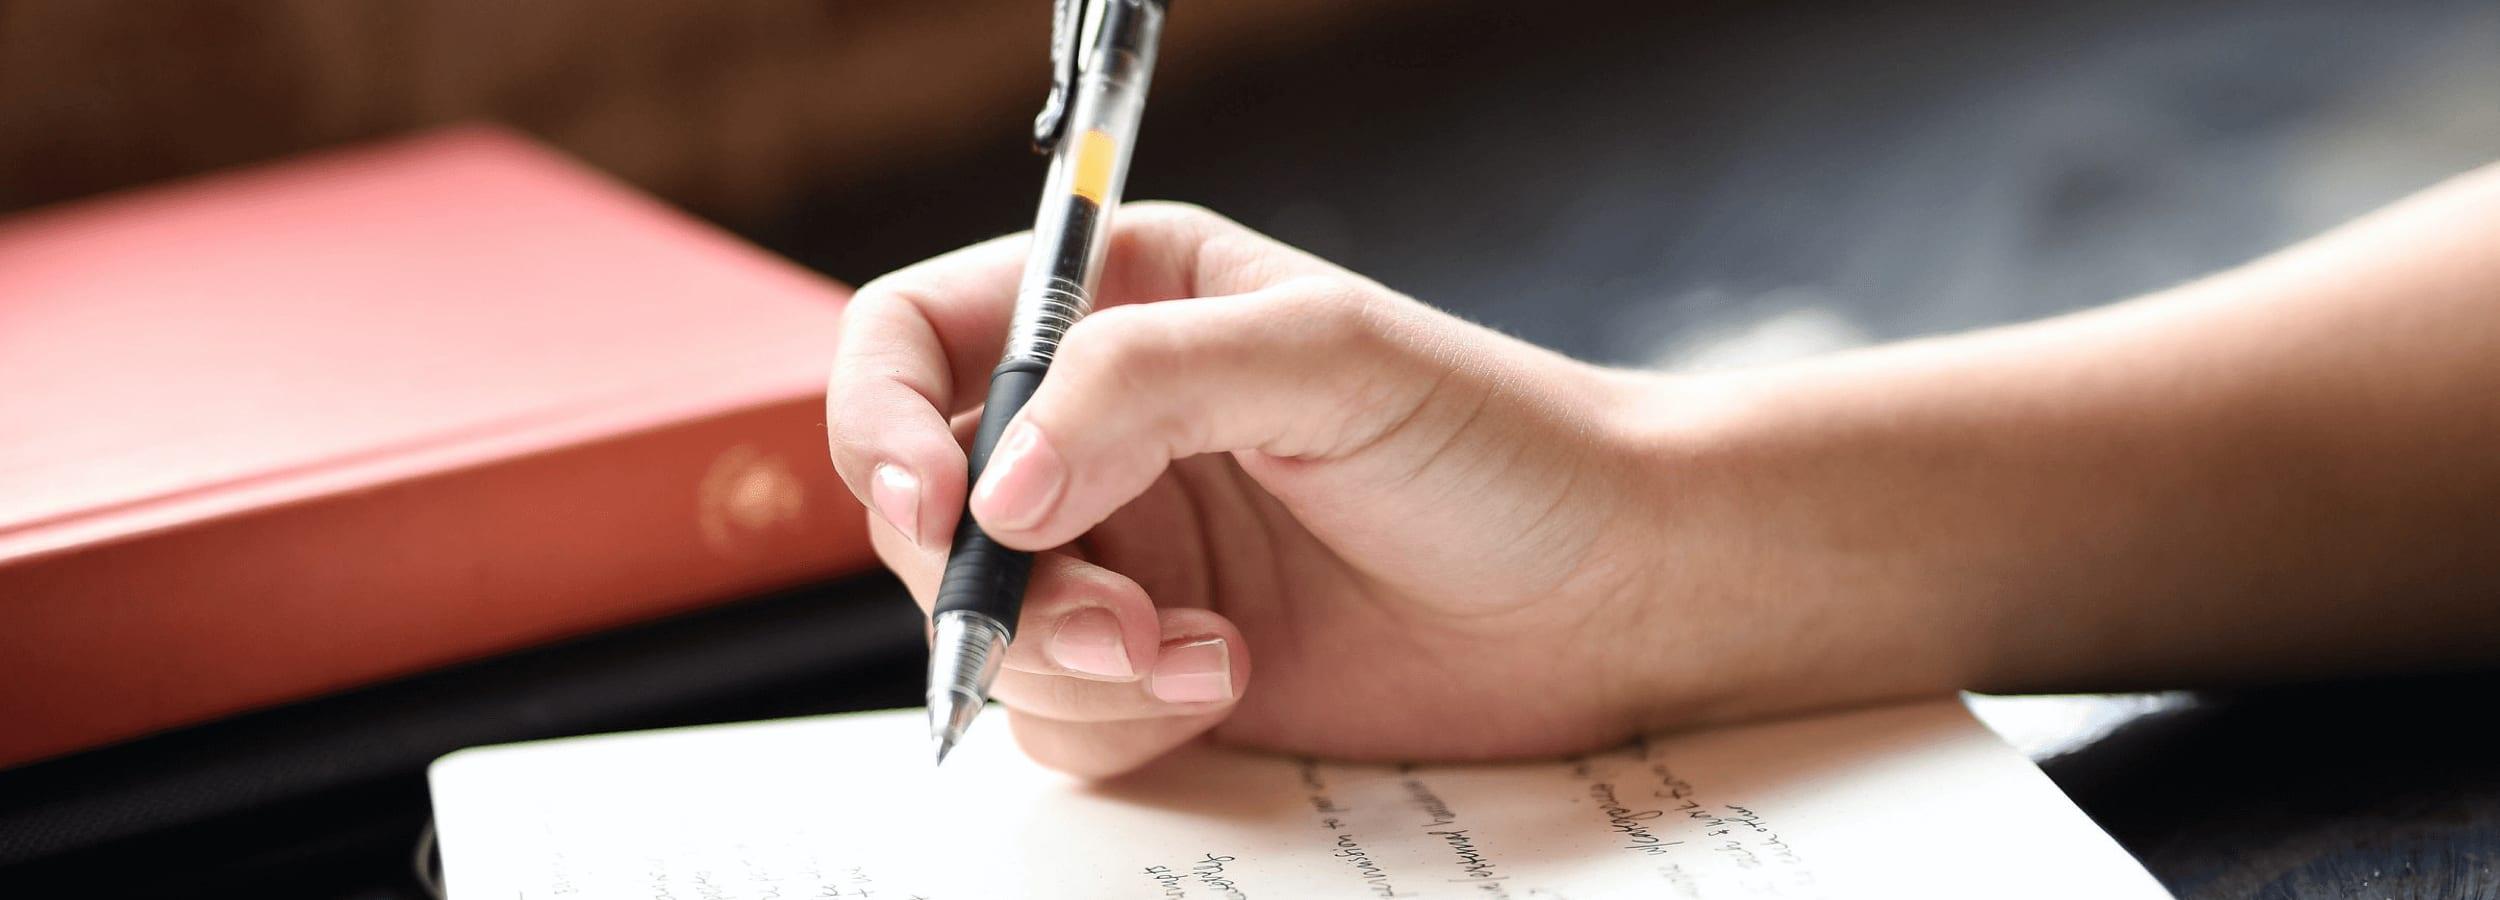 Le formulaire M2 doit être rempli pour la première fois lors de la création de la SARL.